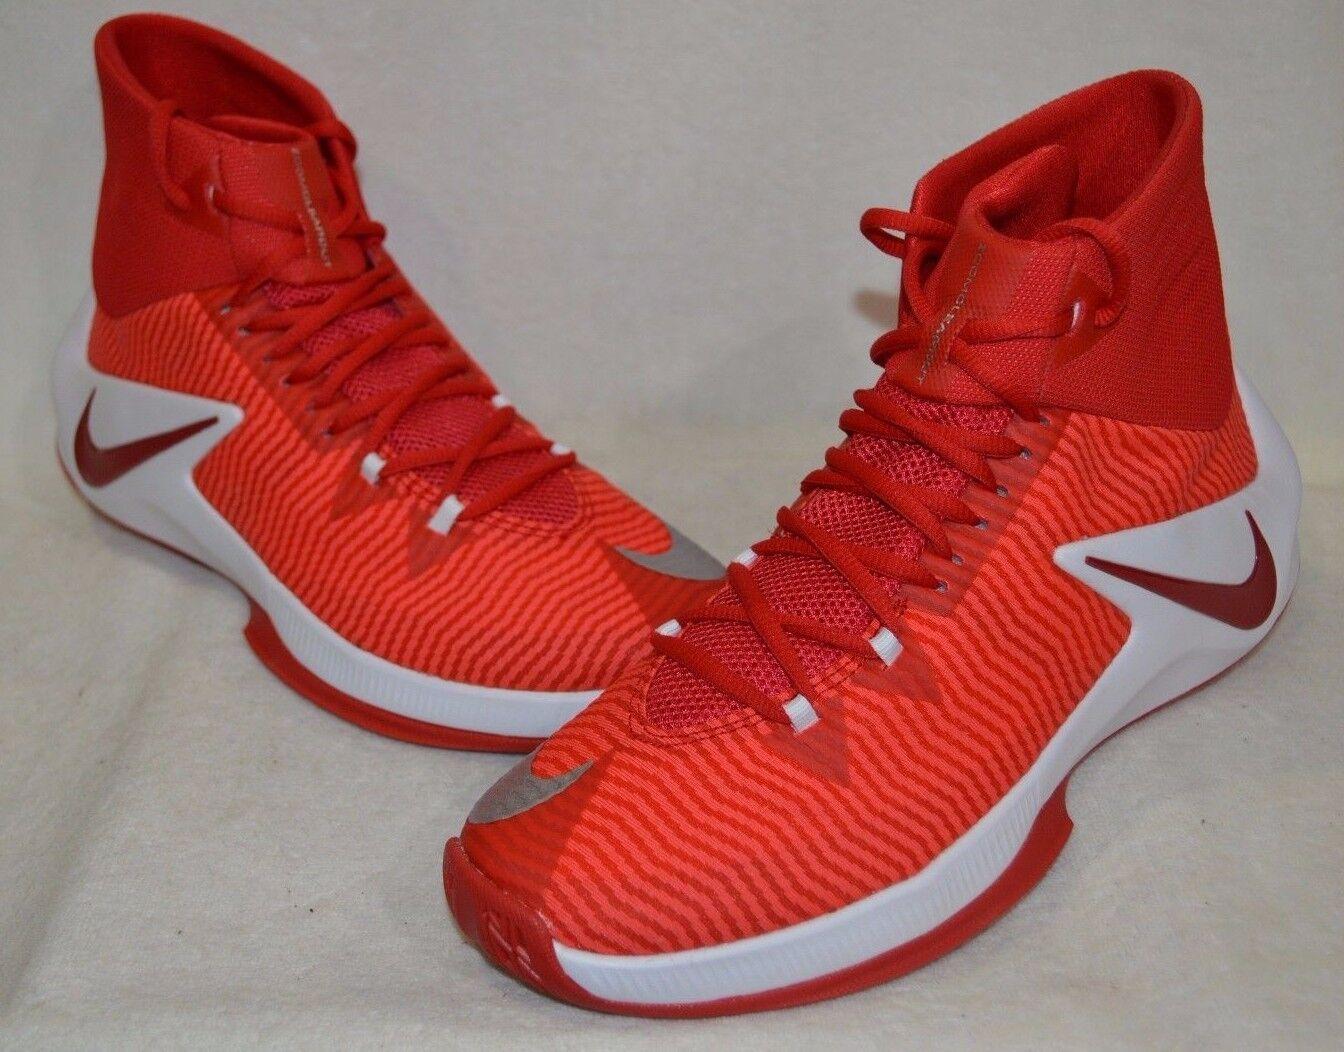 newest collection d91c6 df3c4 Nike Zoom quitar TB Rojo Blanco De De De Hombre Zapatos De  Baloncesto-tamaños